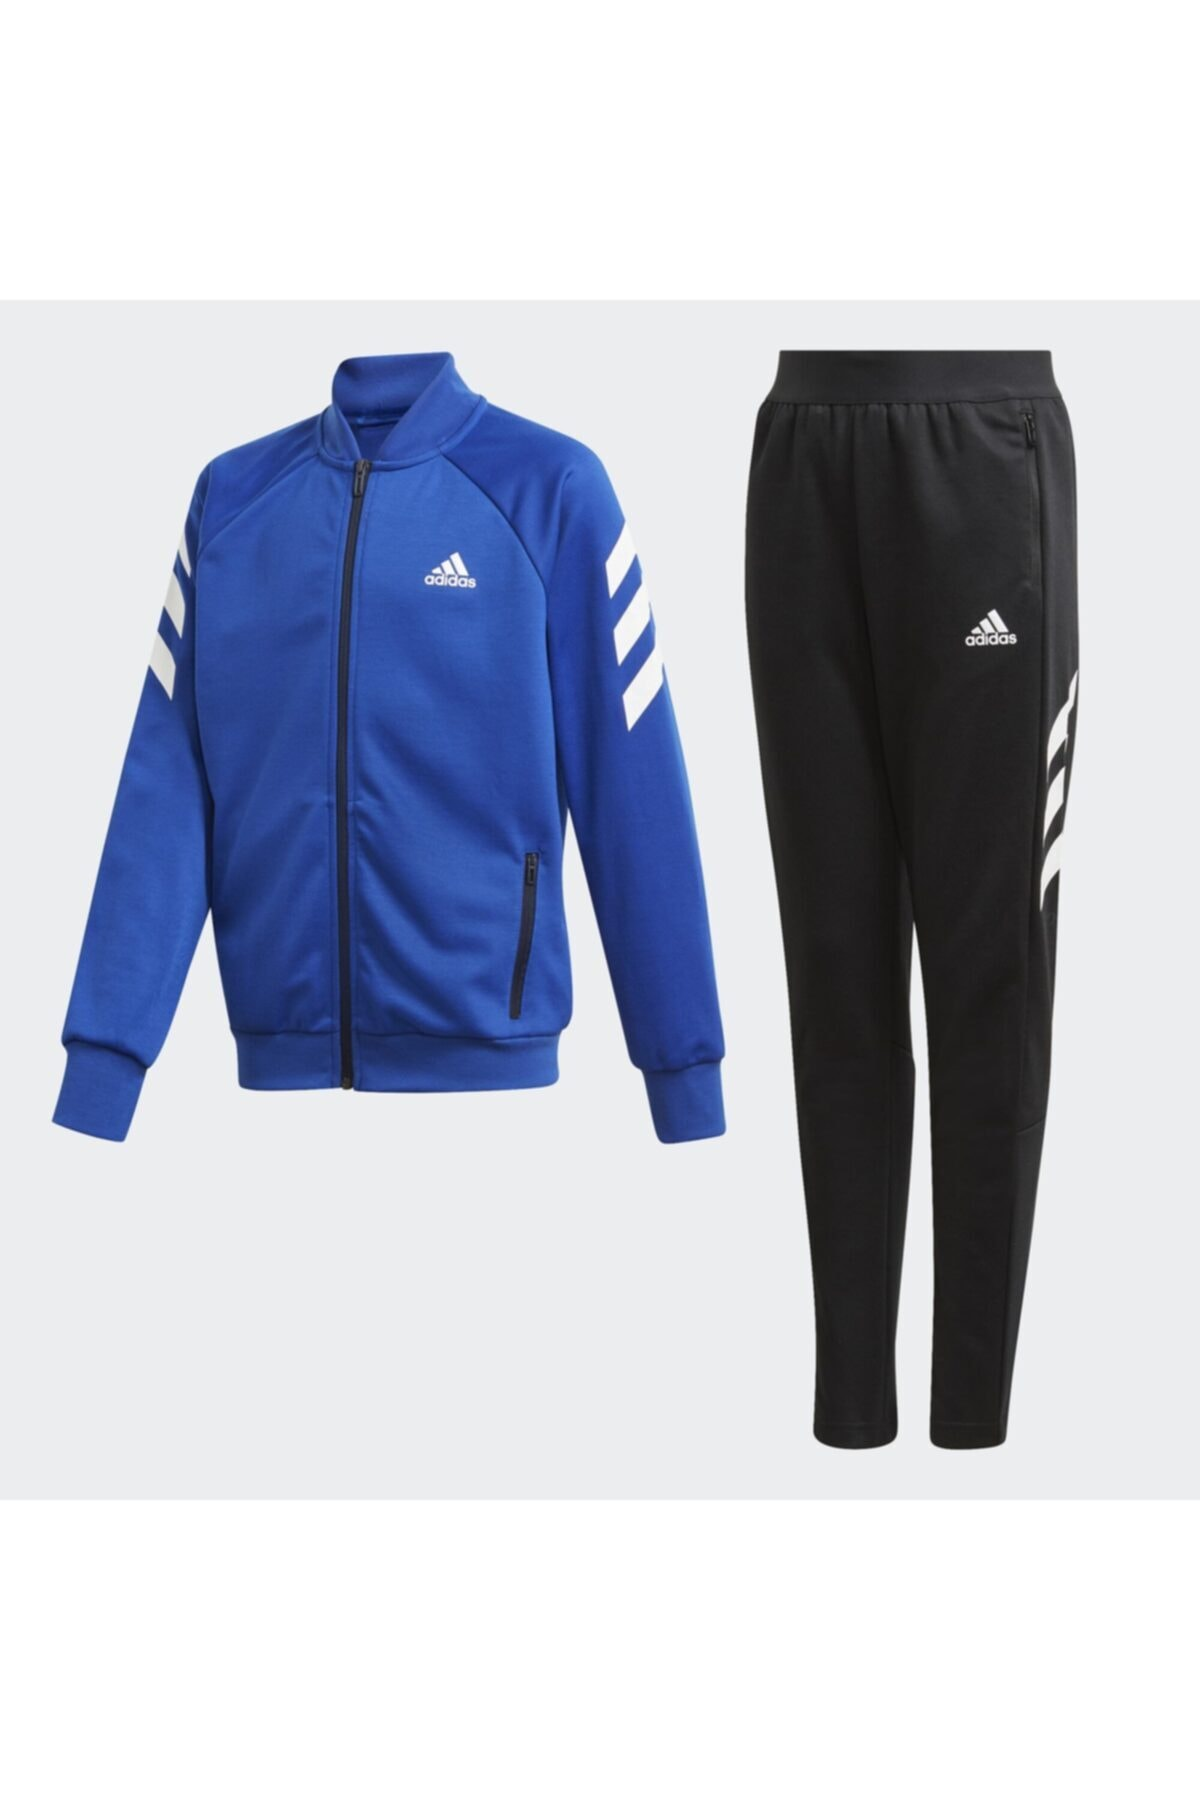 adidas Erkek Çocuk Mavi Xfg Track Suit Eşofman Takımı (ge0719) 1